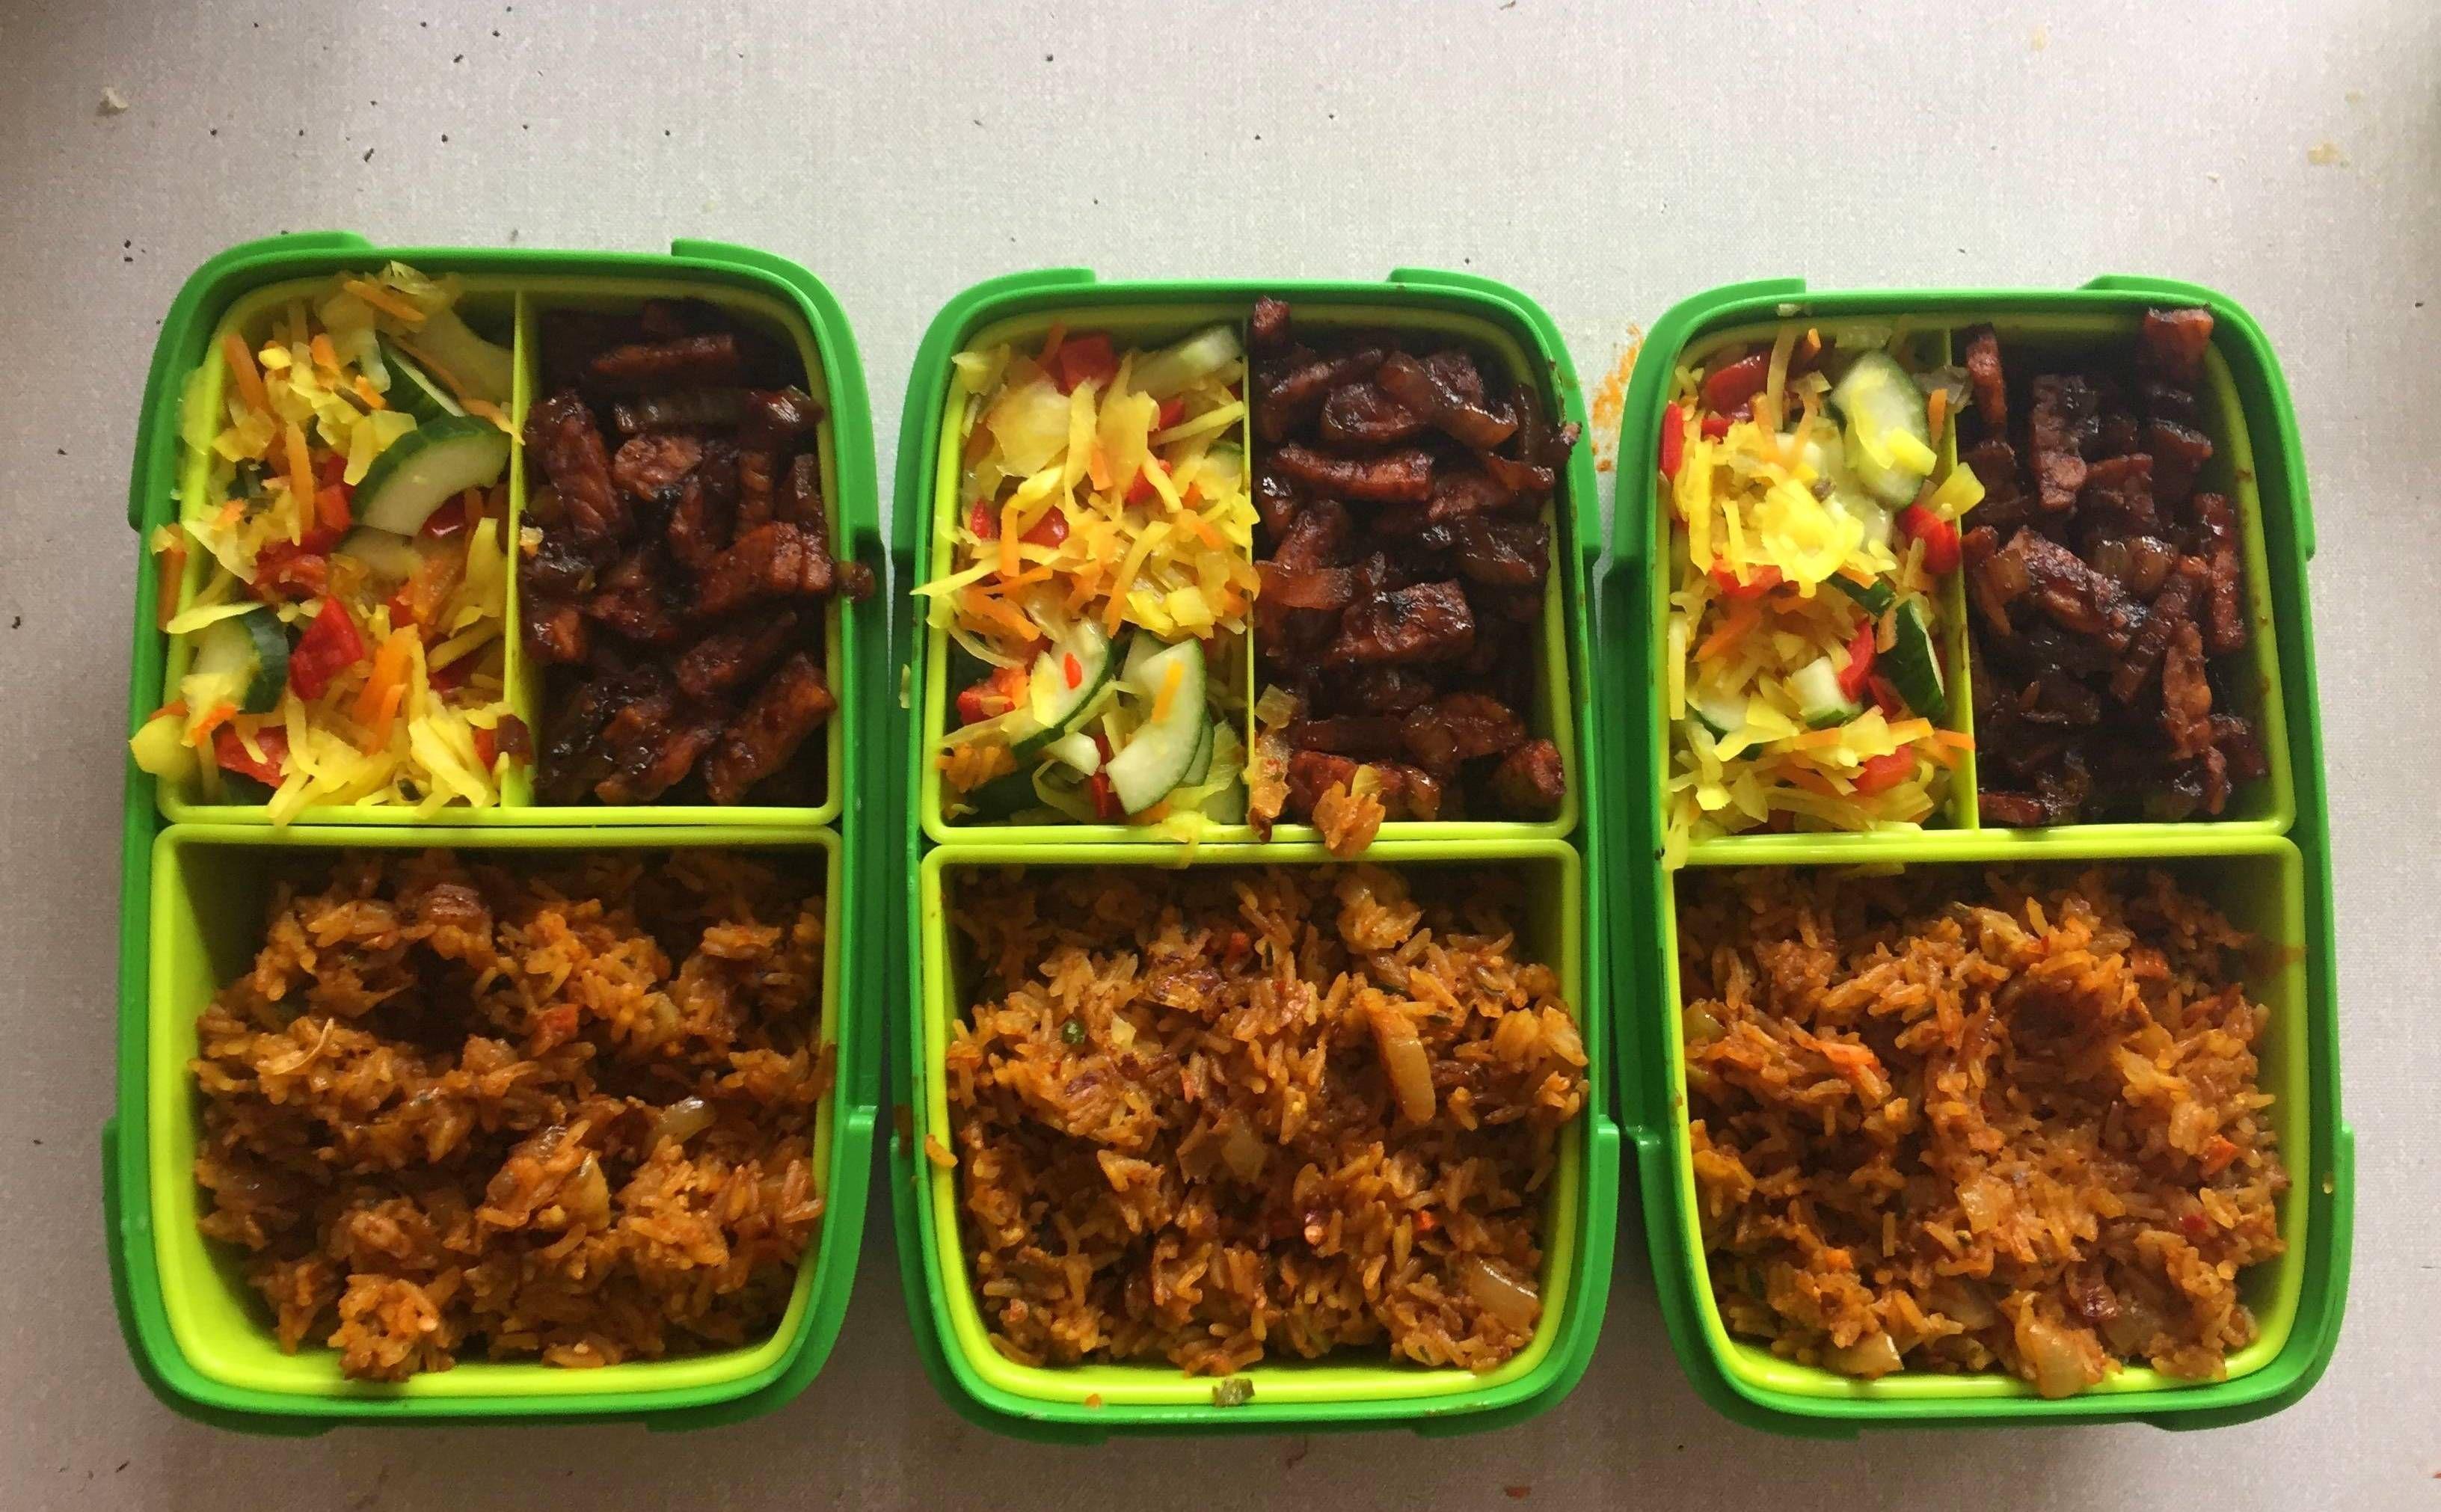 Basic Indonesian Mealprep (Vegetarian) #mealprepping #OneSimpleChange #mealprep #healthy #mealplanning #healthyliving #food #weightloss #sunday